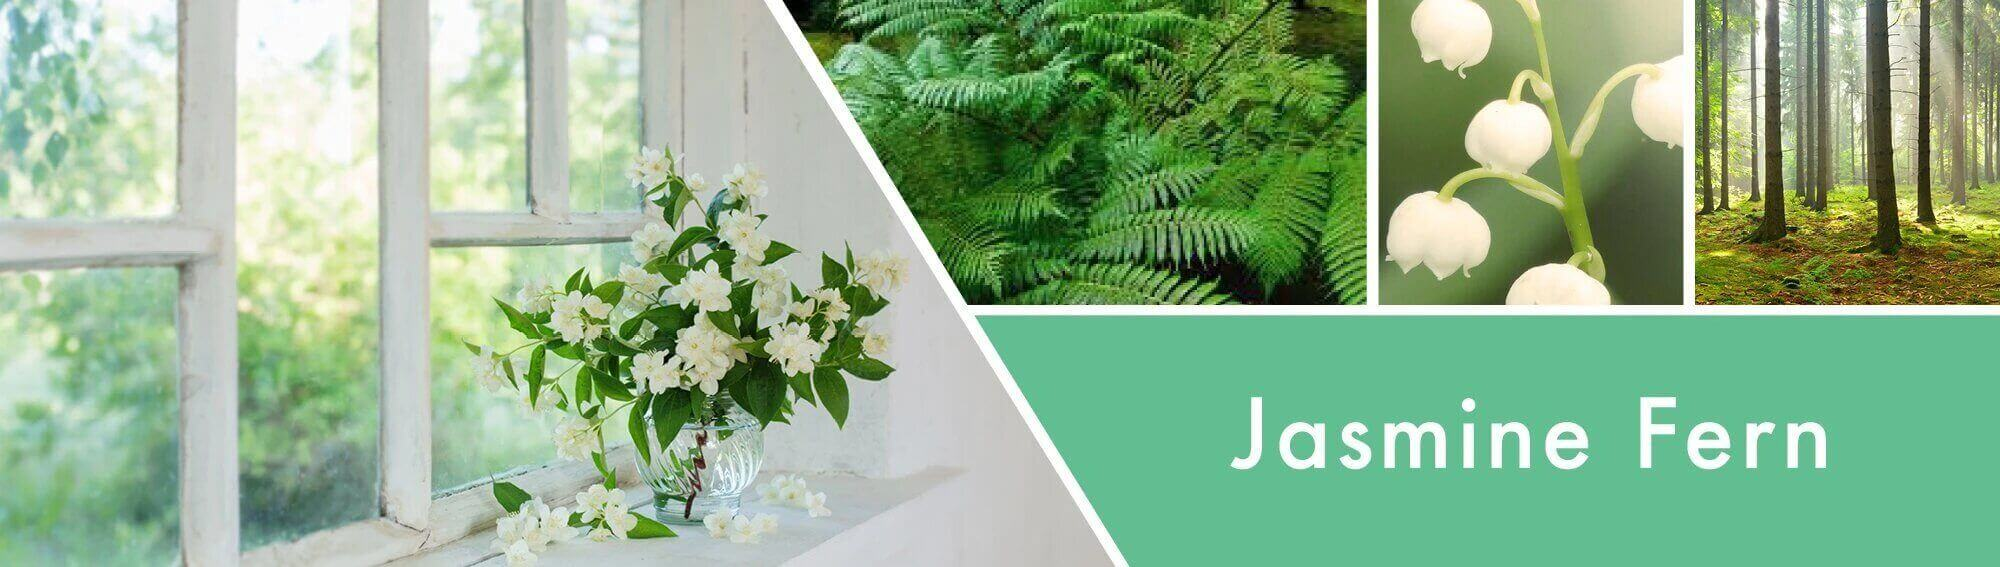 Jasmine-Fern-Candle-Fragrance_7b5f80ef-d43f-4aba-b9bc-e93653040c0d